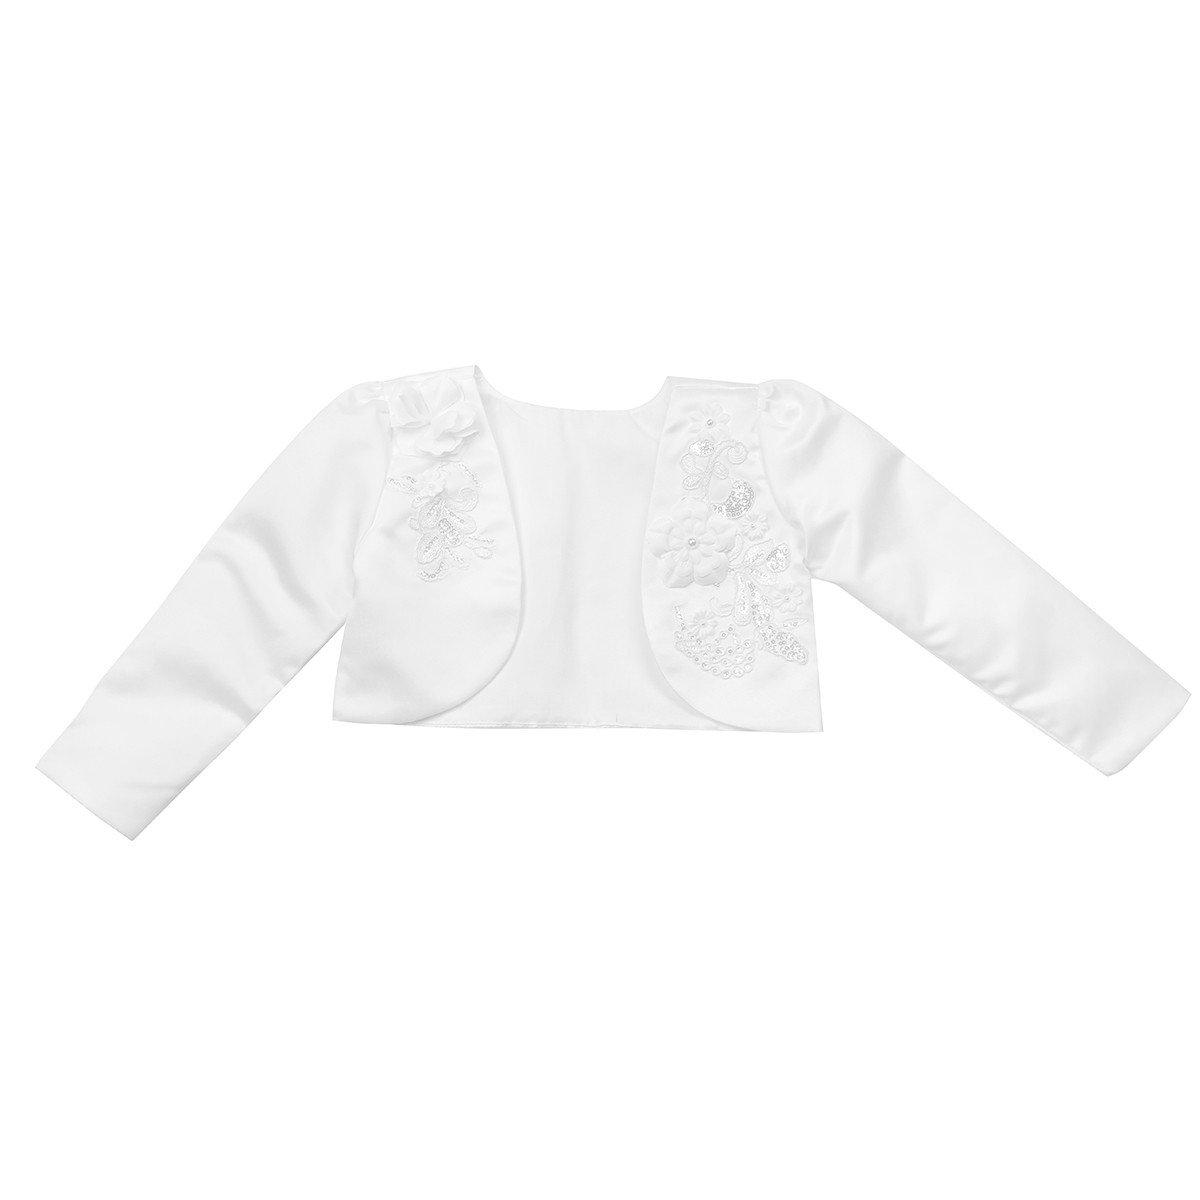 FEESHOW White Kids Girls Long Sleeves Bolero Jacket Shrug Short Cardigan Sweater Dress Cover Up